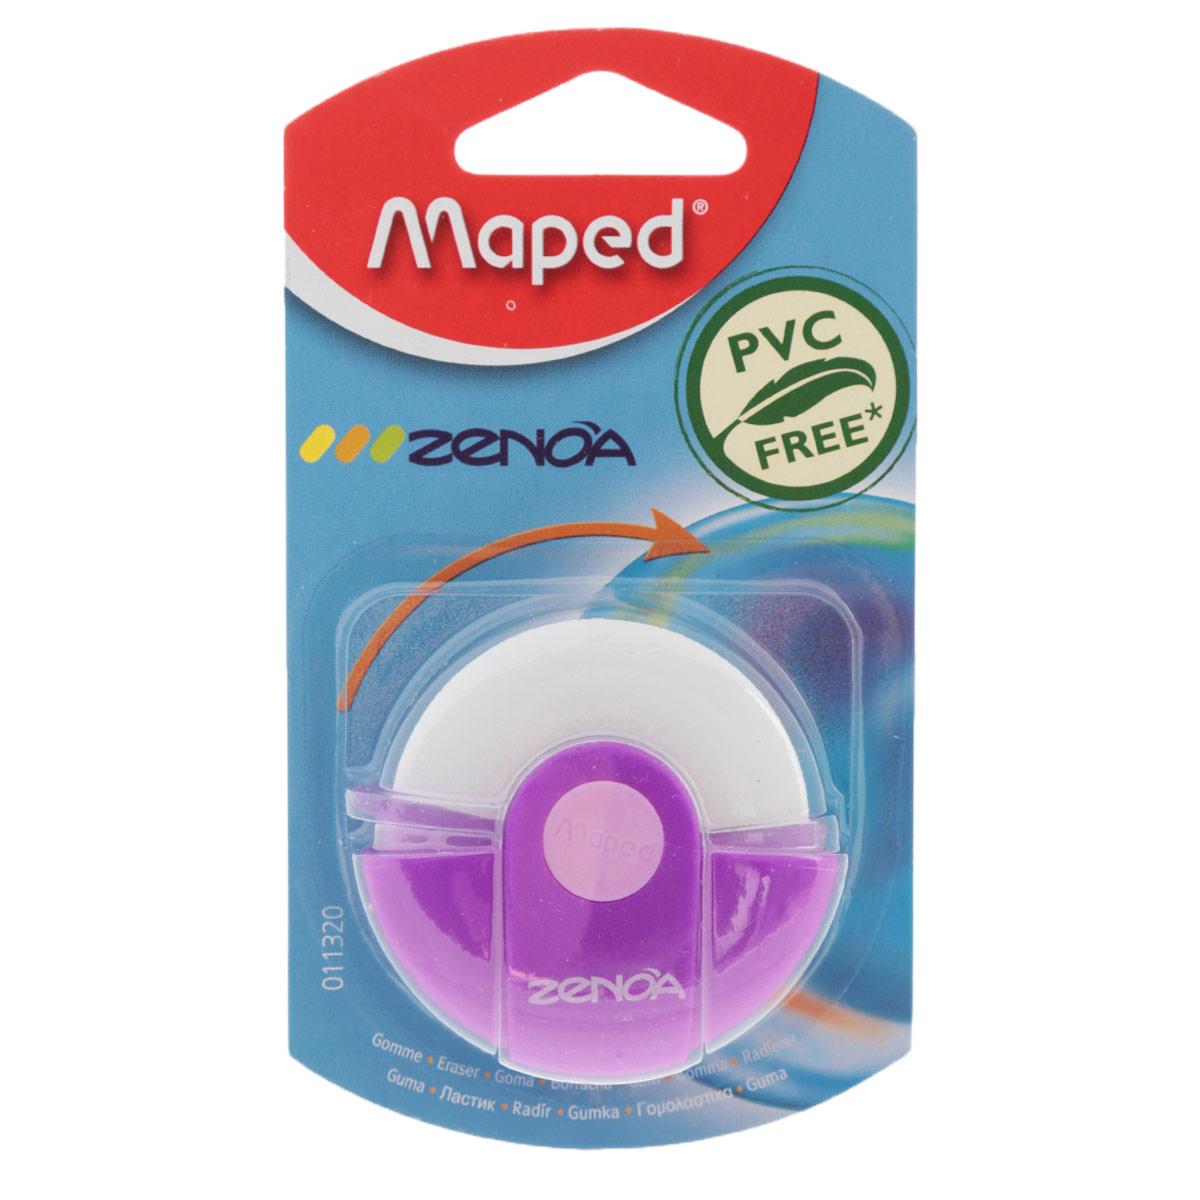 Ластик Maped Zenoa, цвет: розовый, белый11320_розовыйОригинальный ластик Zenoa в поворотном защитном футляре из пластика. Легко удаляет следы чернографитных карандашей, а футляр защищает ластик от загрязнений и увеличивает его срок службы. Обеспечивает высокое качество коррекции, не повреждая поверхность бумаги, не оставляя следов. Не содержит ПВХ.